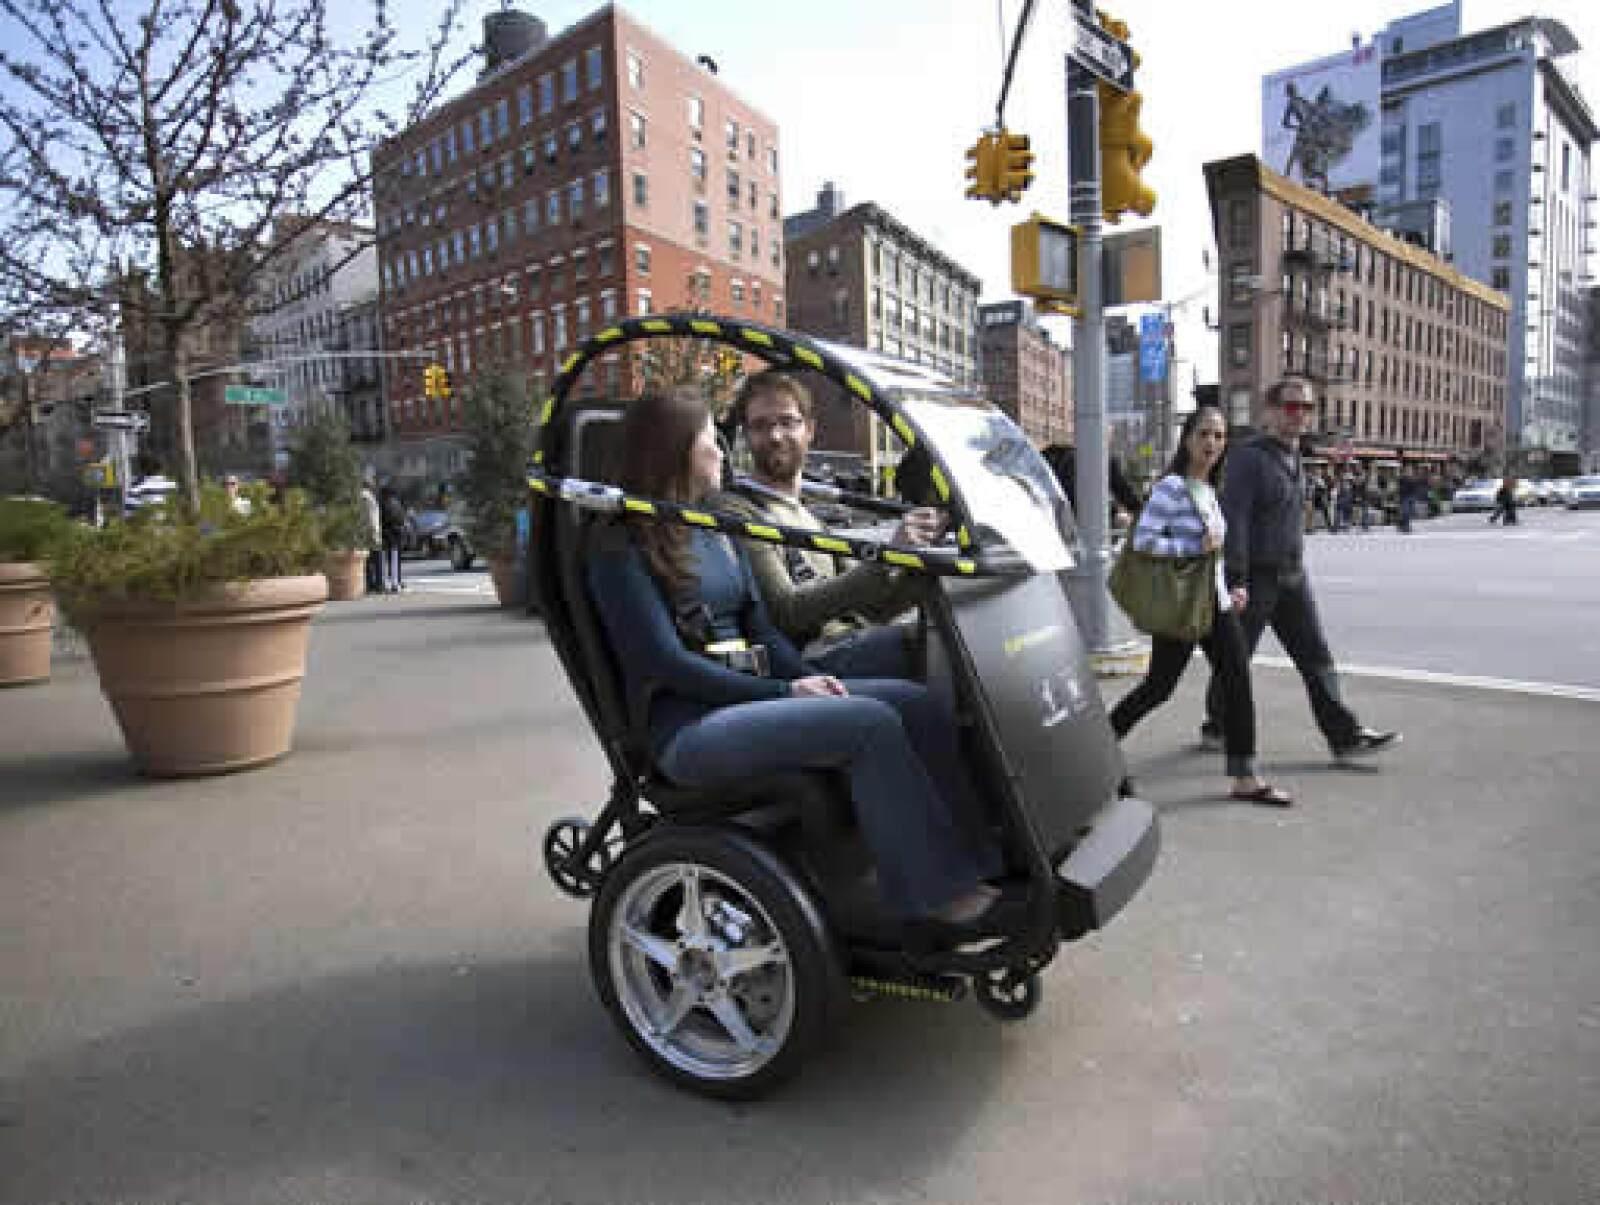 El PUMA, acrónimo en inglés de Movilidad y Accesibilidad Personal Urbana, es para dos pasajeros y se conduce mediante un pequeño volante.